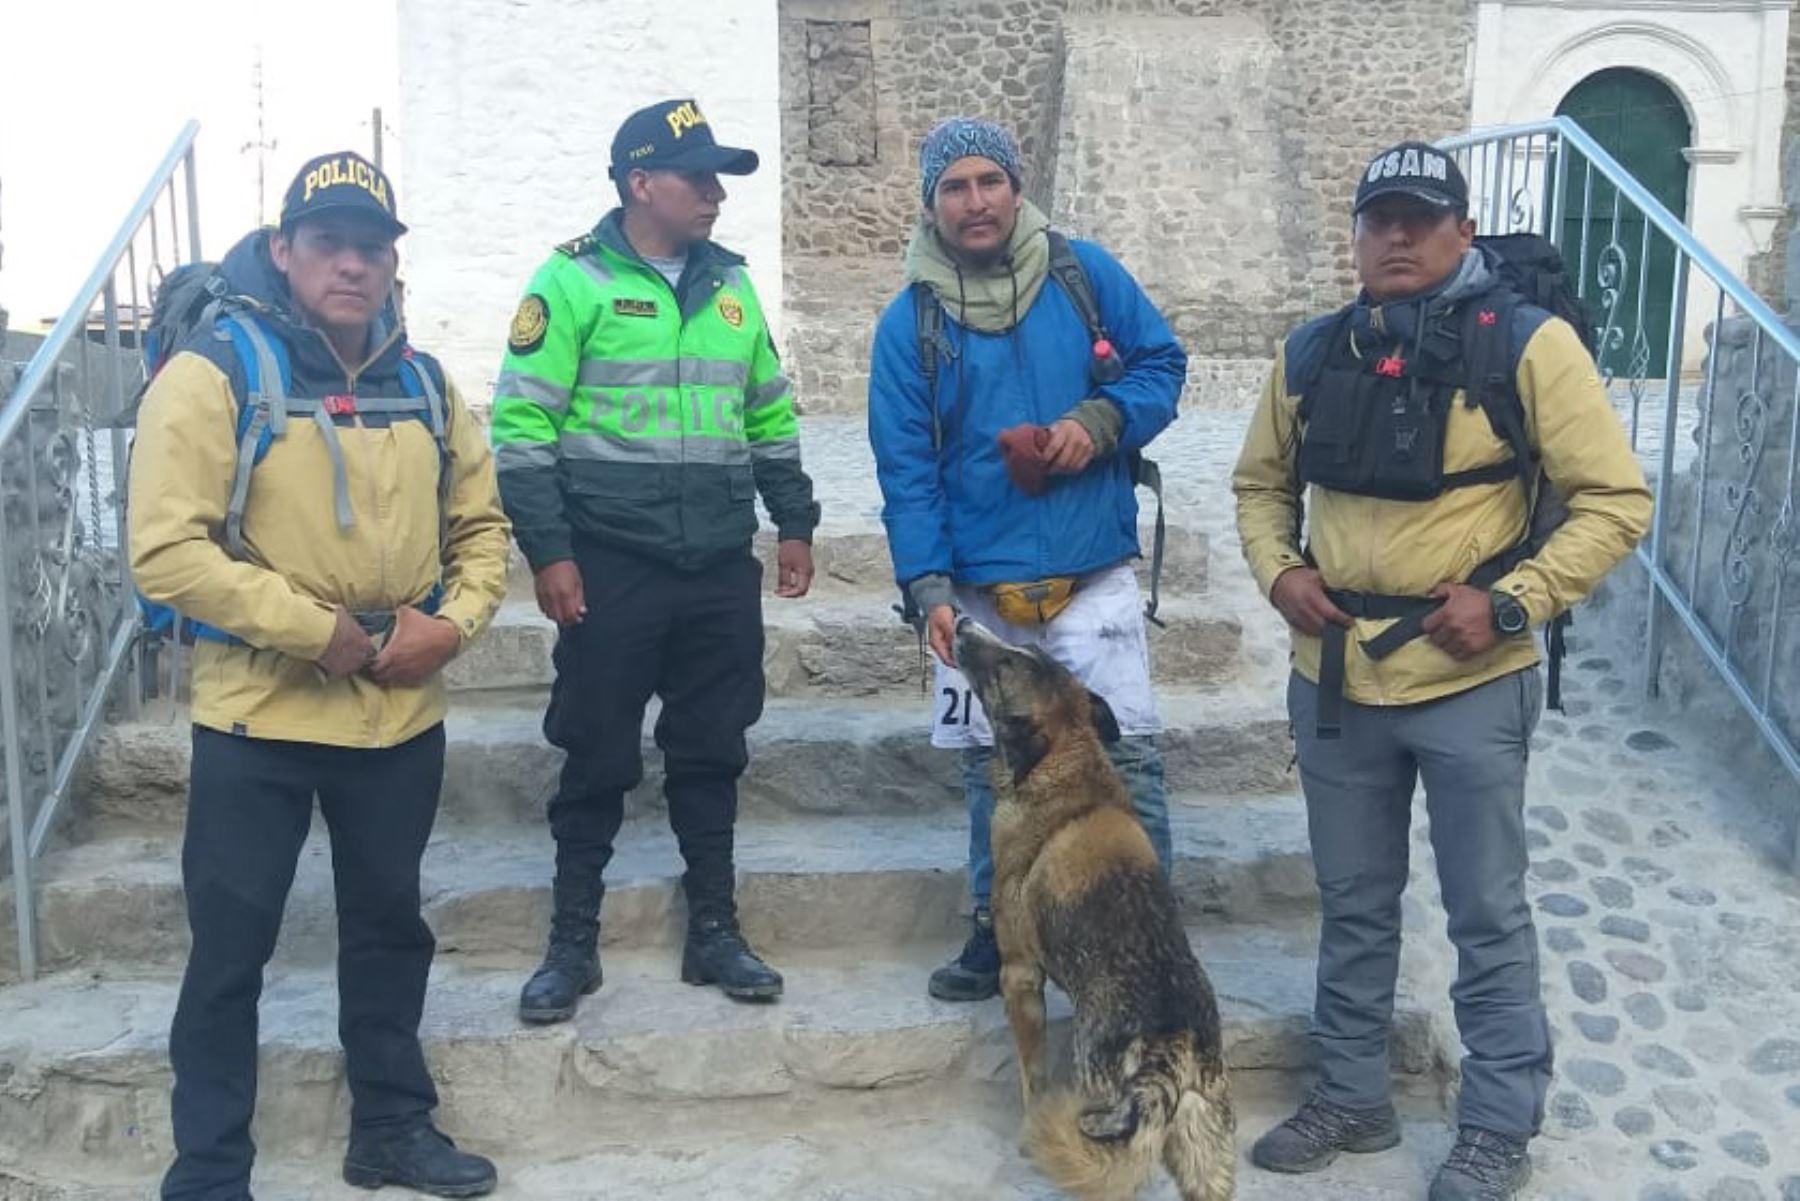 Yoel Cacya Llacho, de 25 años, fue rescatado del nevado Bomboya, ubicado en el valle del Colca, donde hace ocho años perdió la visa el joven universitario Ciro Castillo Rojo.